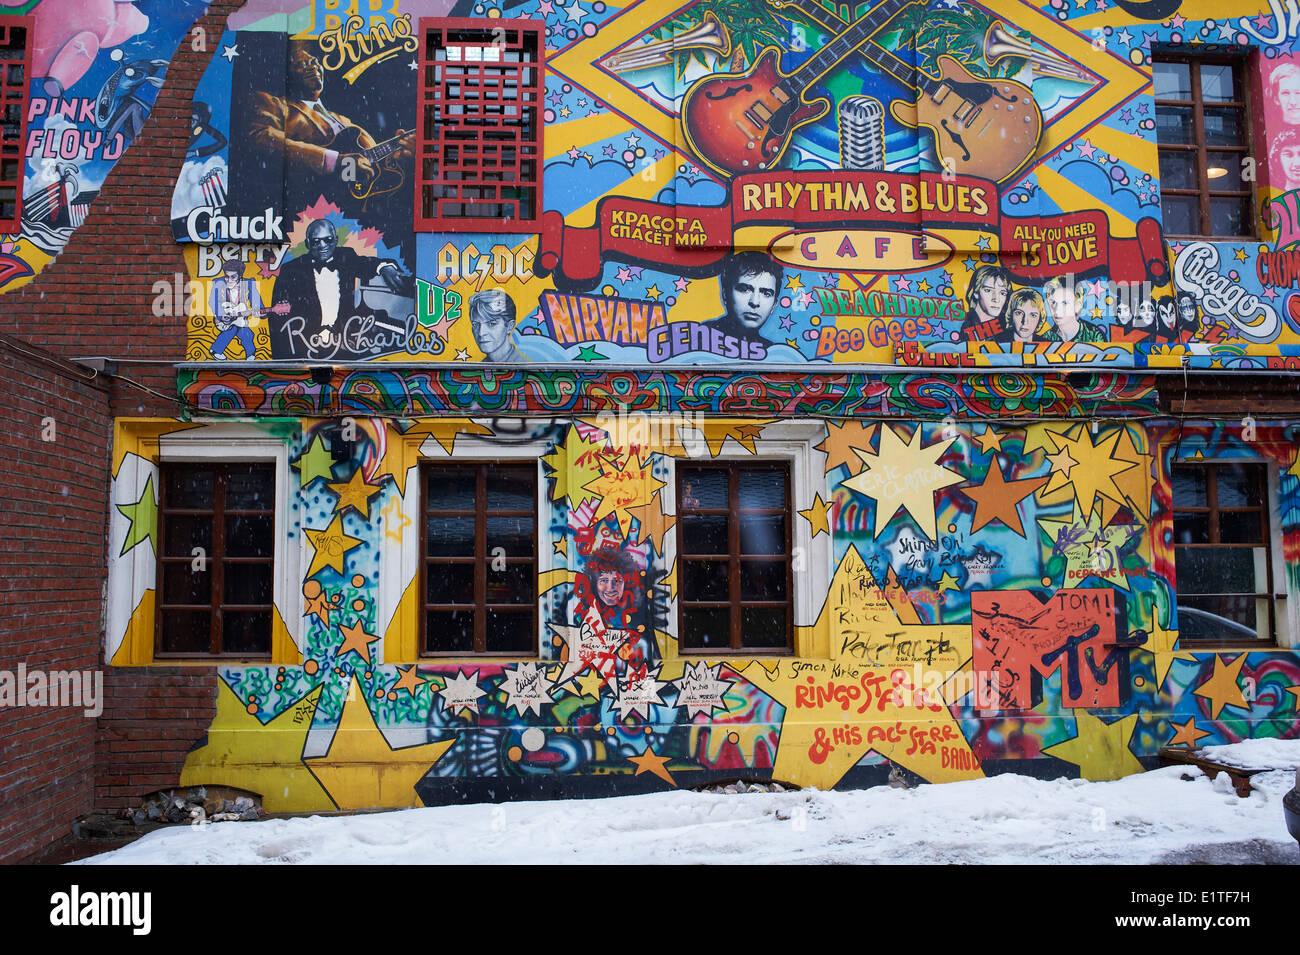 Rusia, Moscú, Rhythm & Blues café con pared de pintura Imagen De Stock